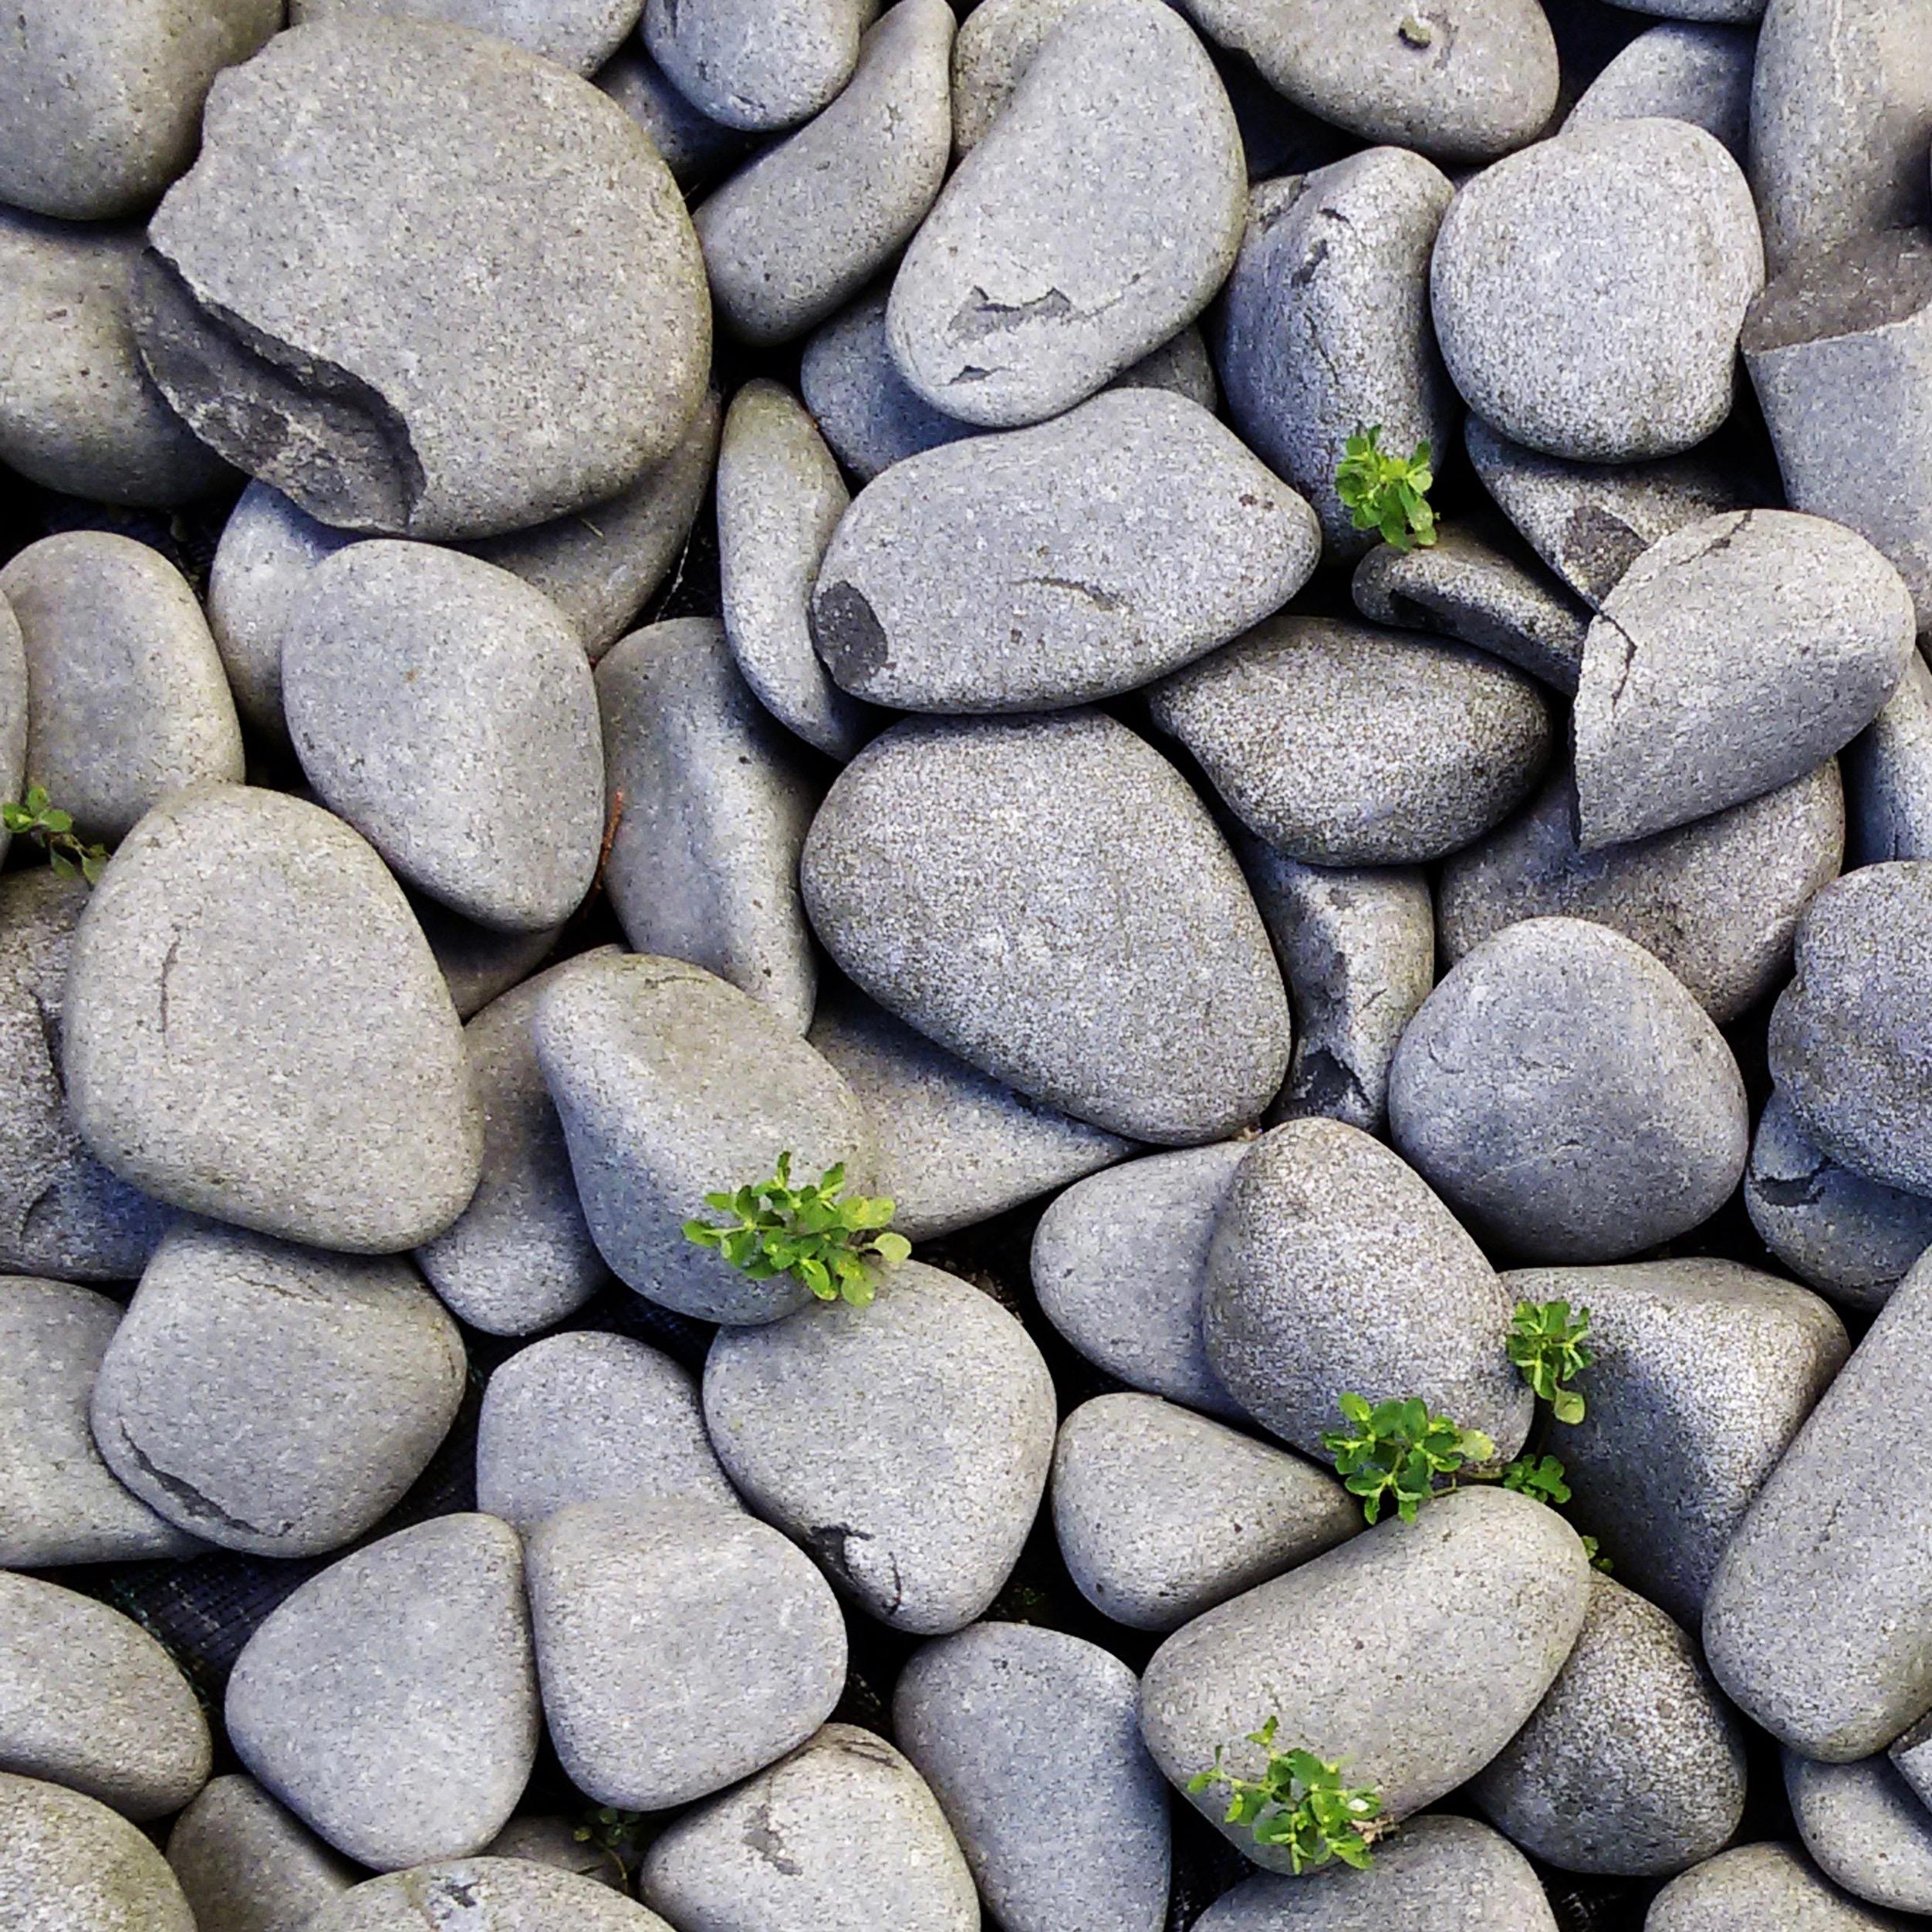 pebbles / stones